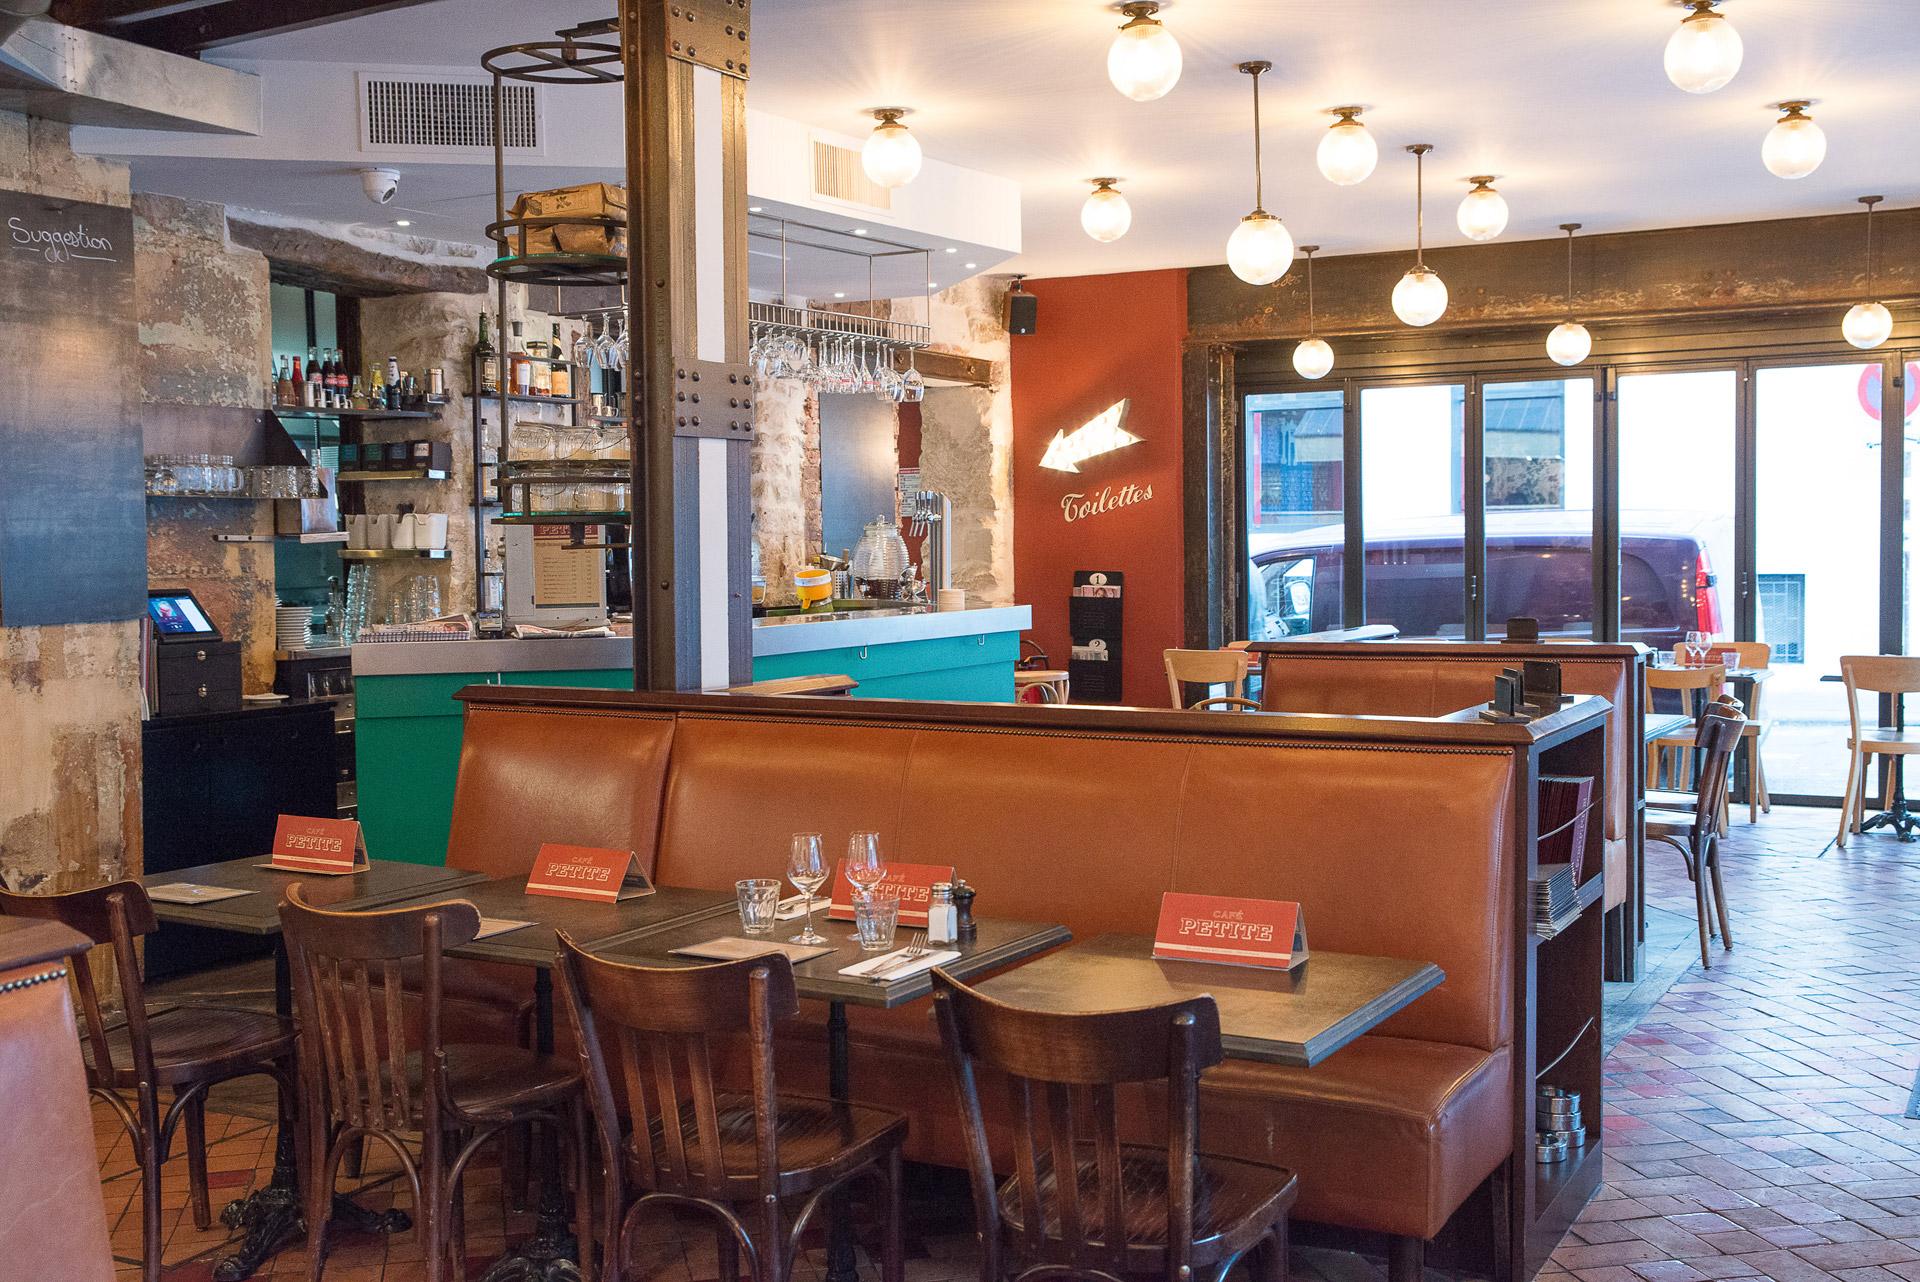 Enjoy the ultimate Parisian café experience under our ceiling lights at Café Petite